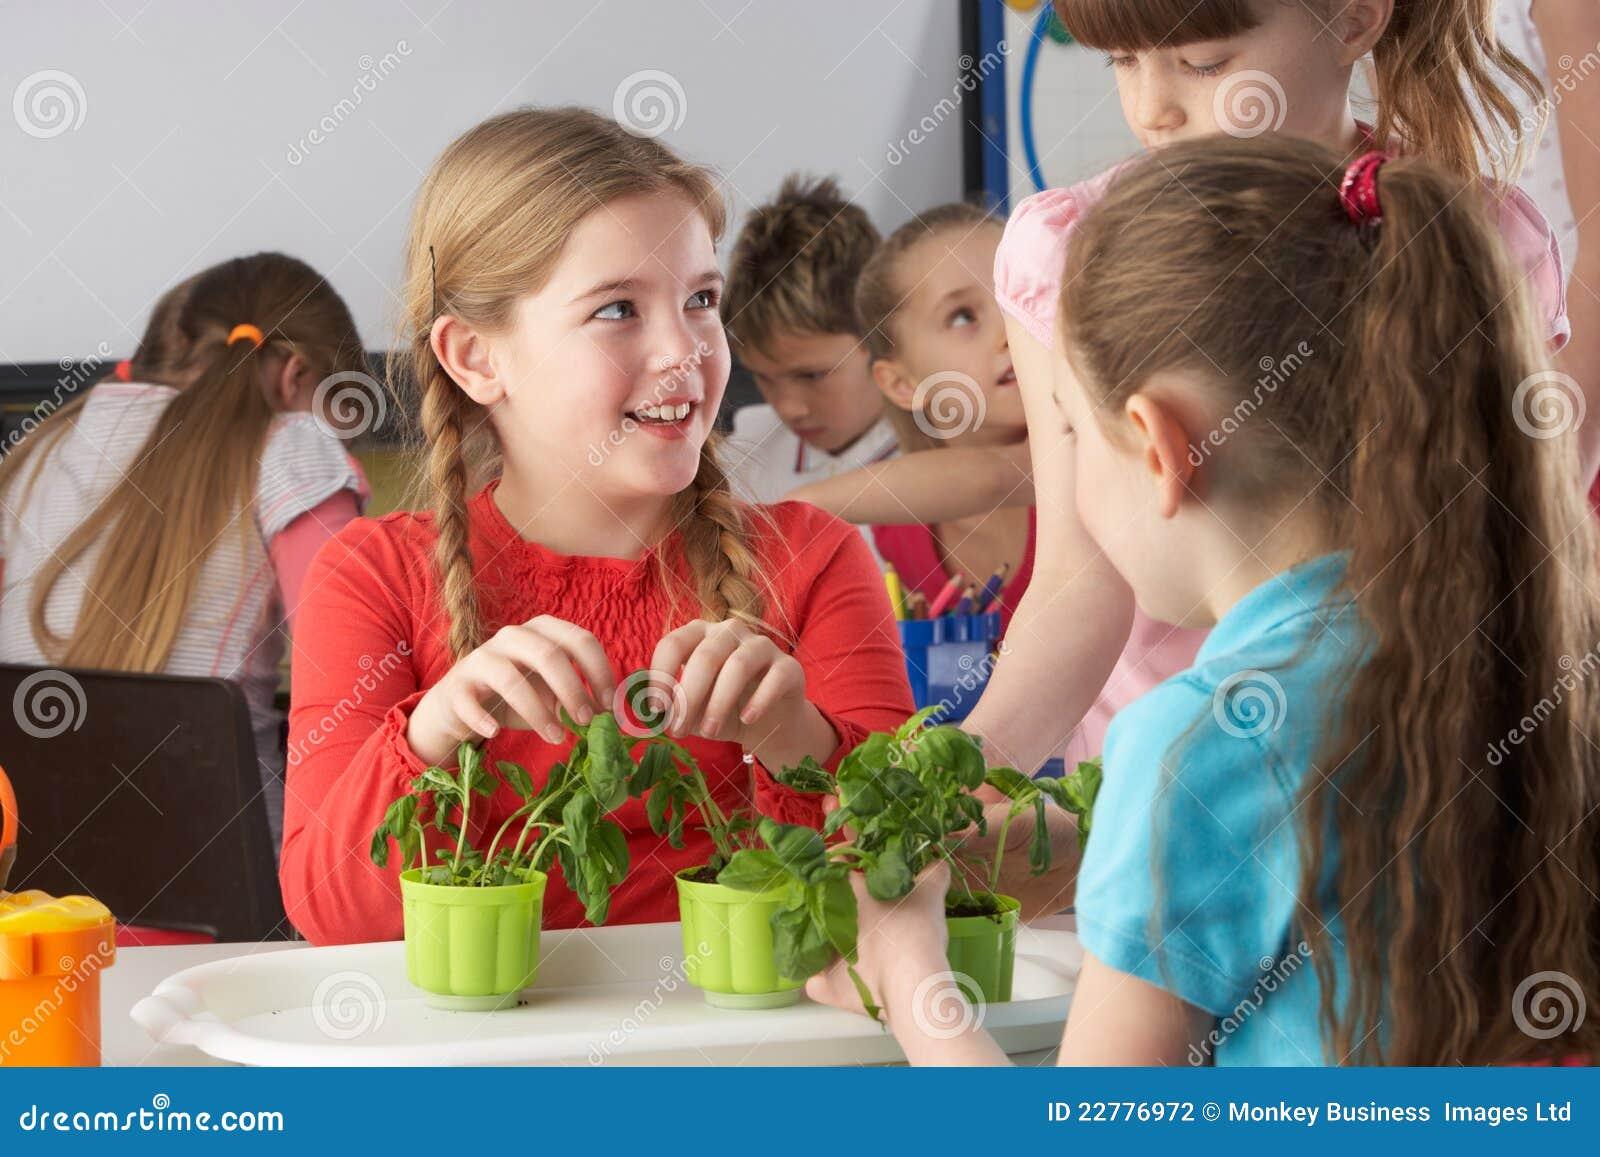 Dzieci target692_1_ o roślinach w szkolnej klasie